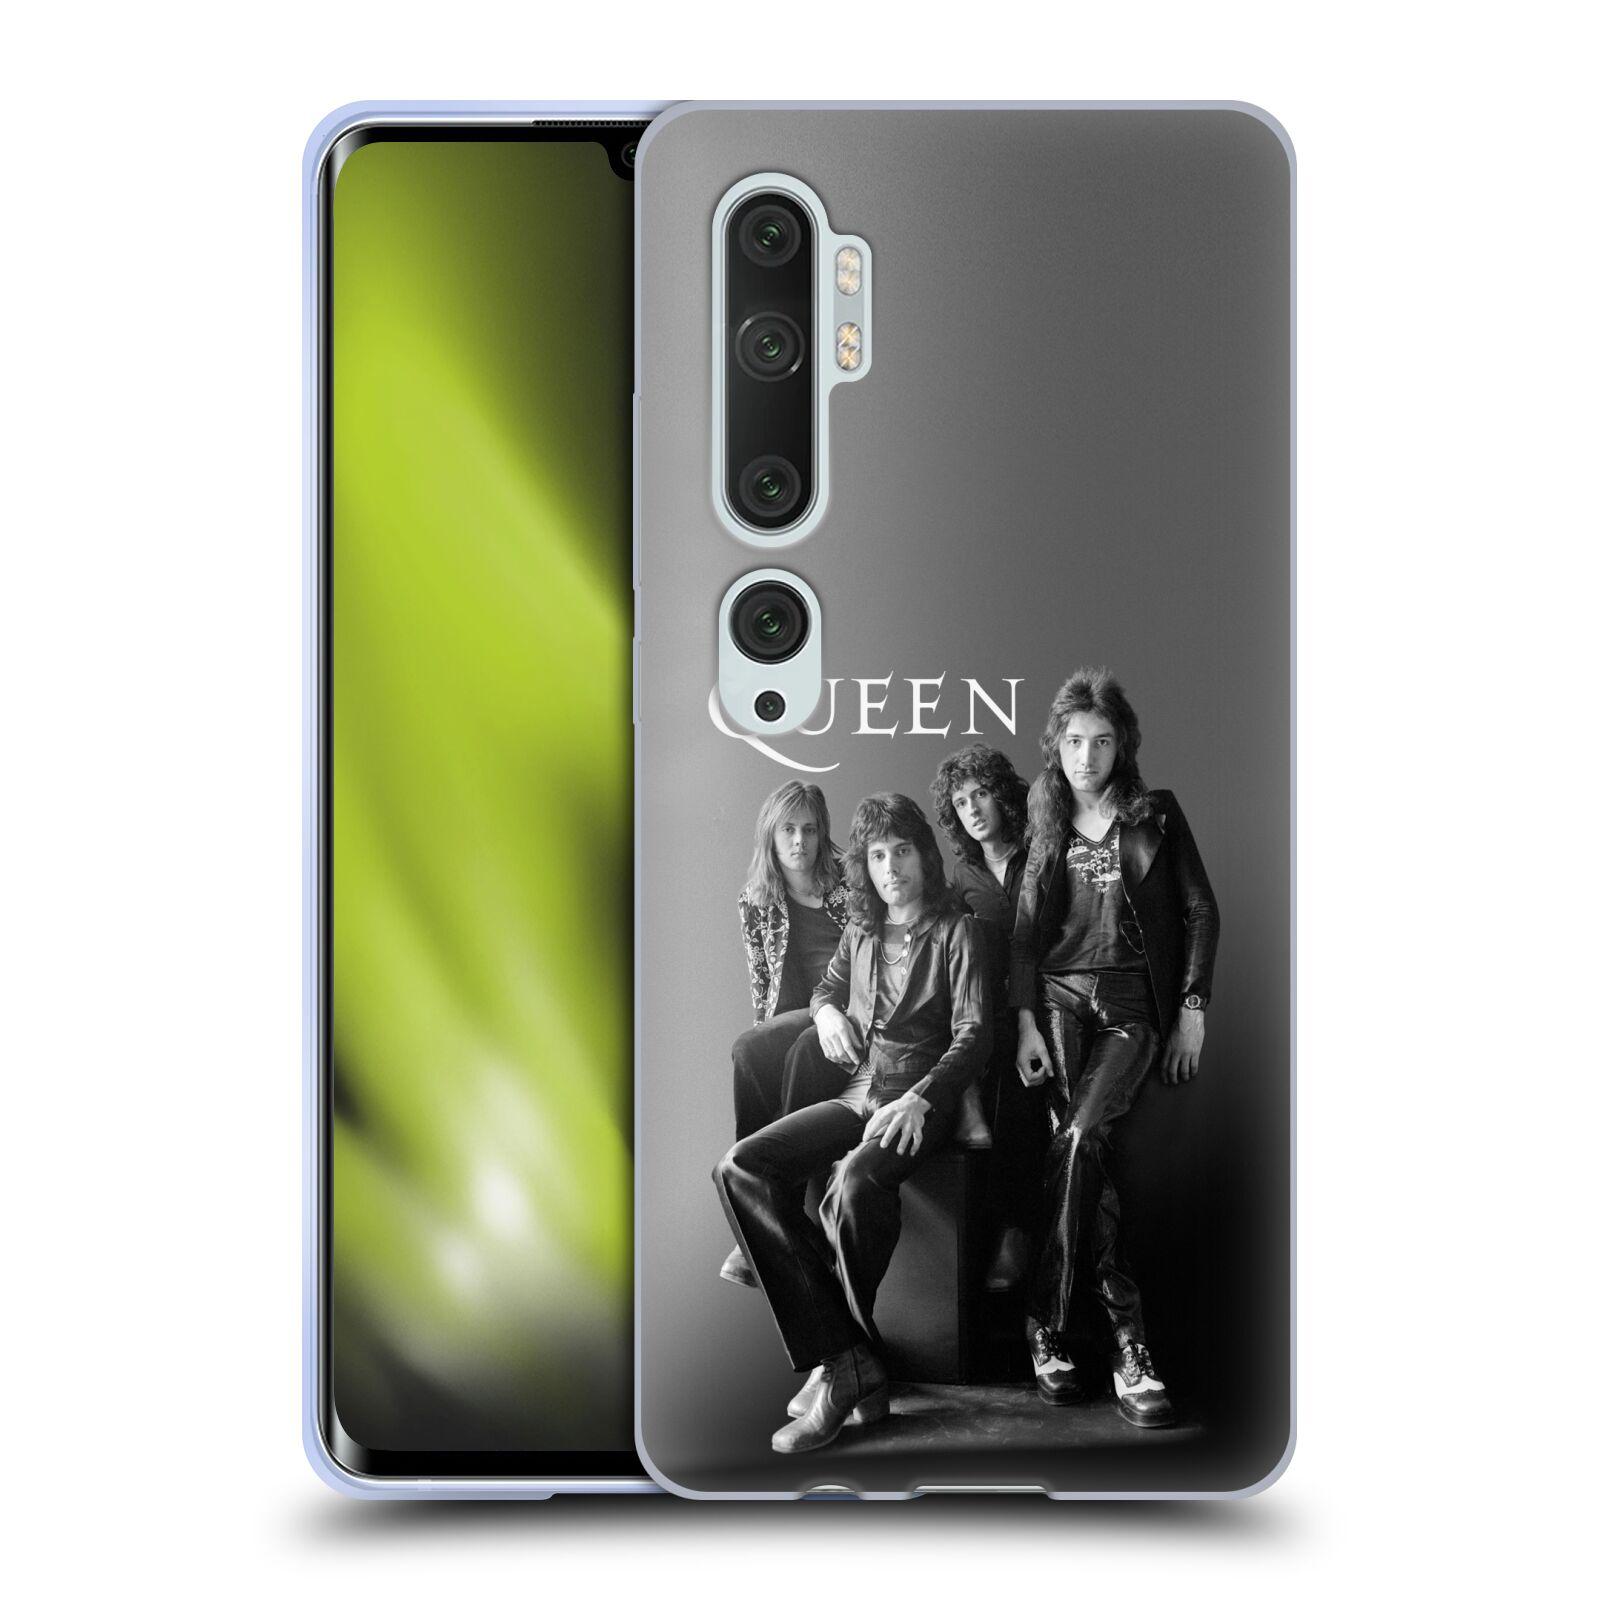 Silikonové pouzdro na mobil Xiaomi Mi Note 10 / 10 Pro - Head Case - Queen - Skupina